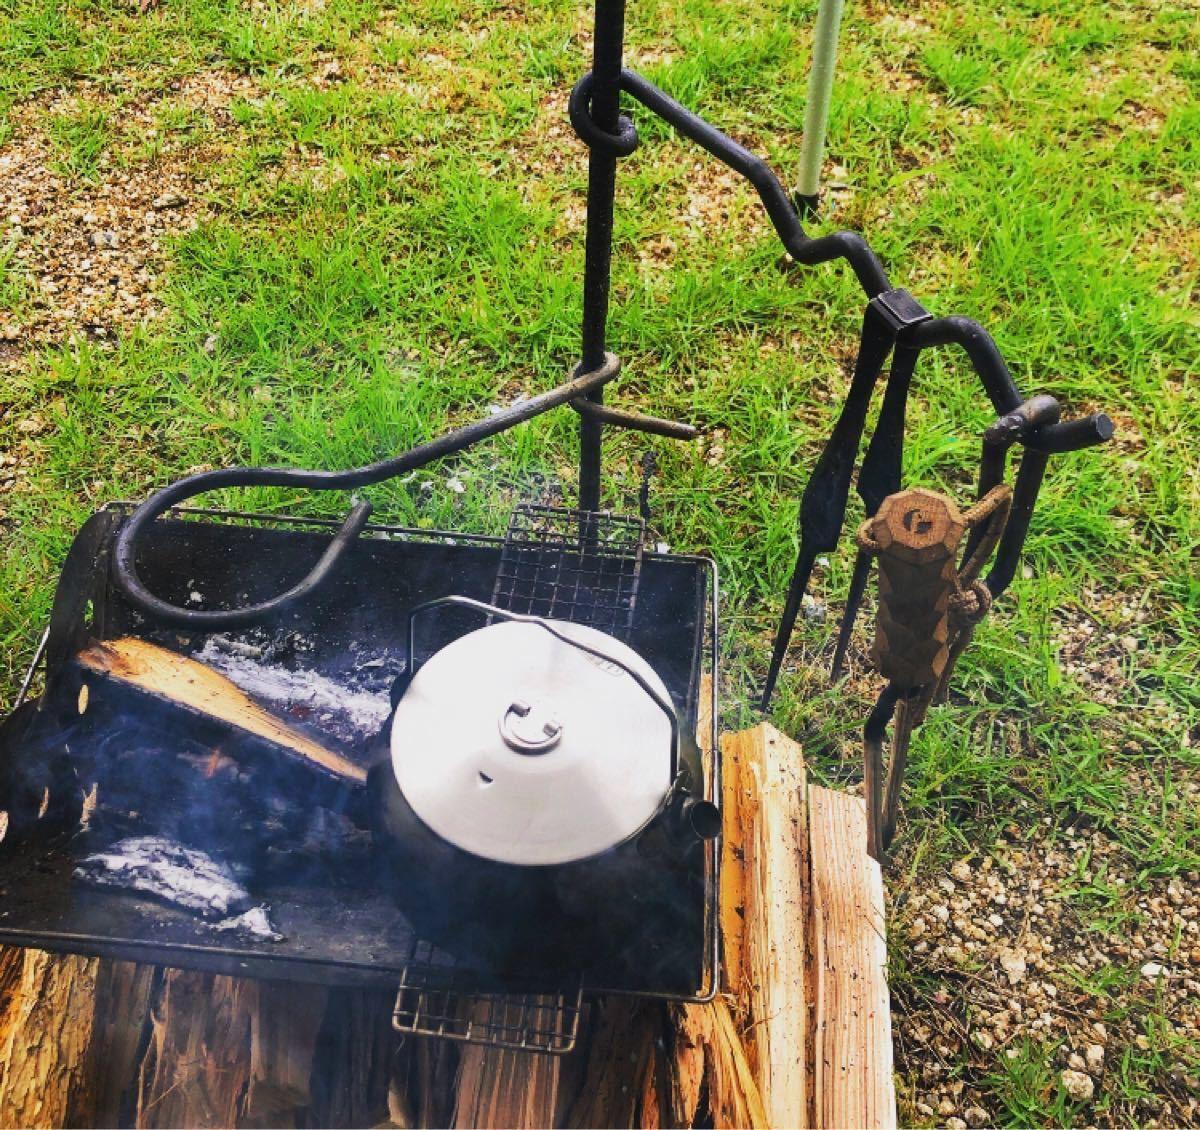 横かけ焚き火ハンガー/丸型焚き火テーブル/ランタンハンガー/コンパクトソロ